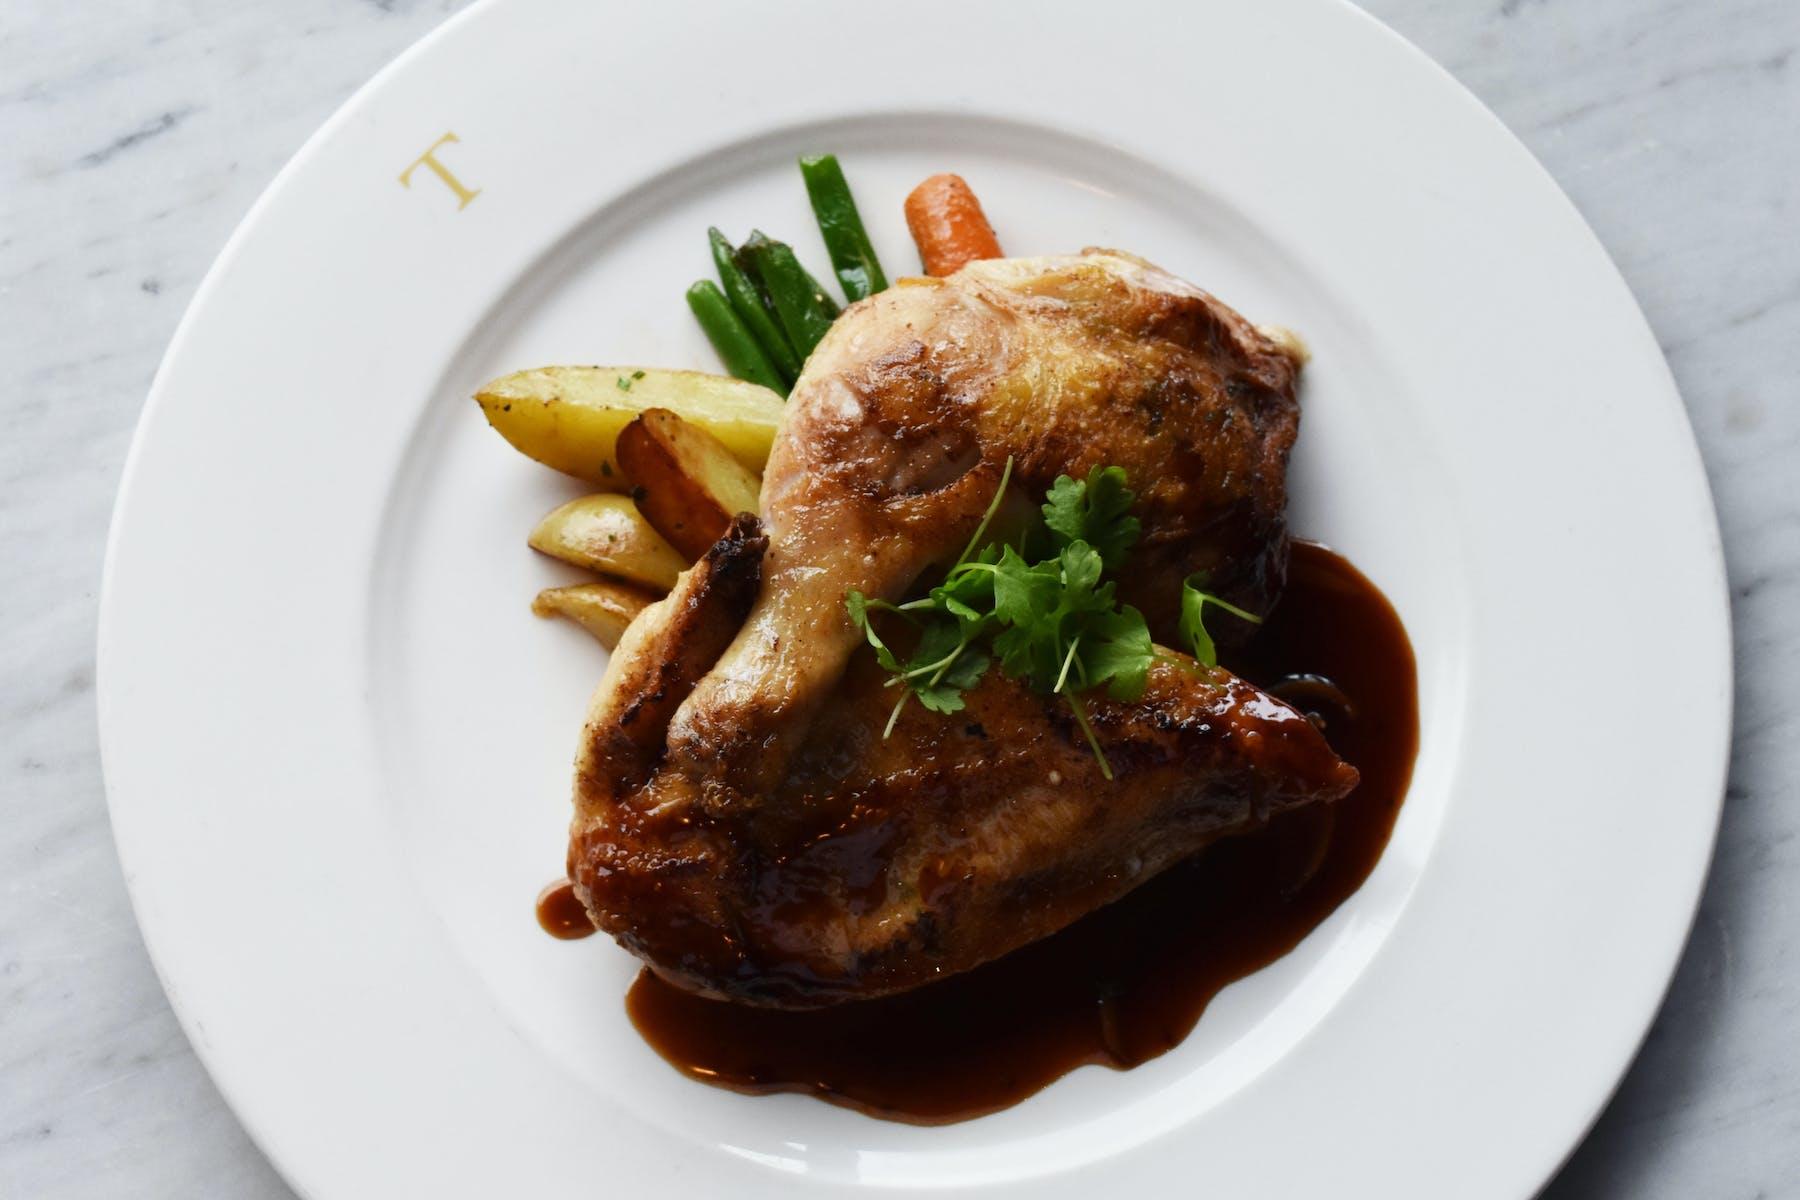 chicken with a dark sauce